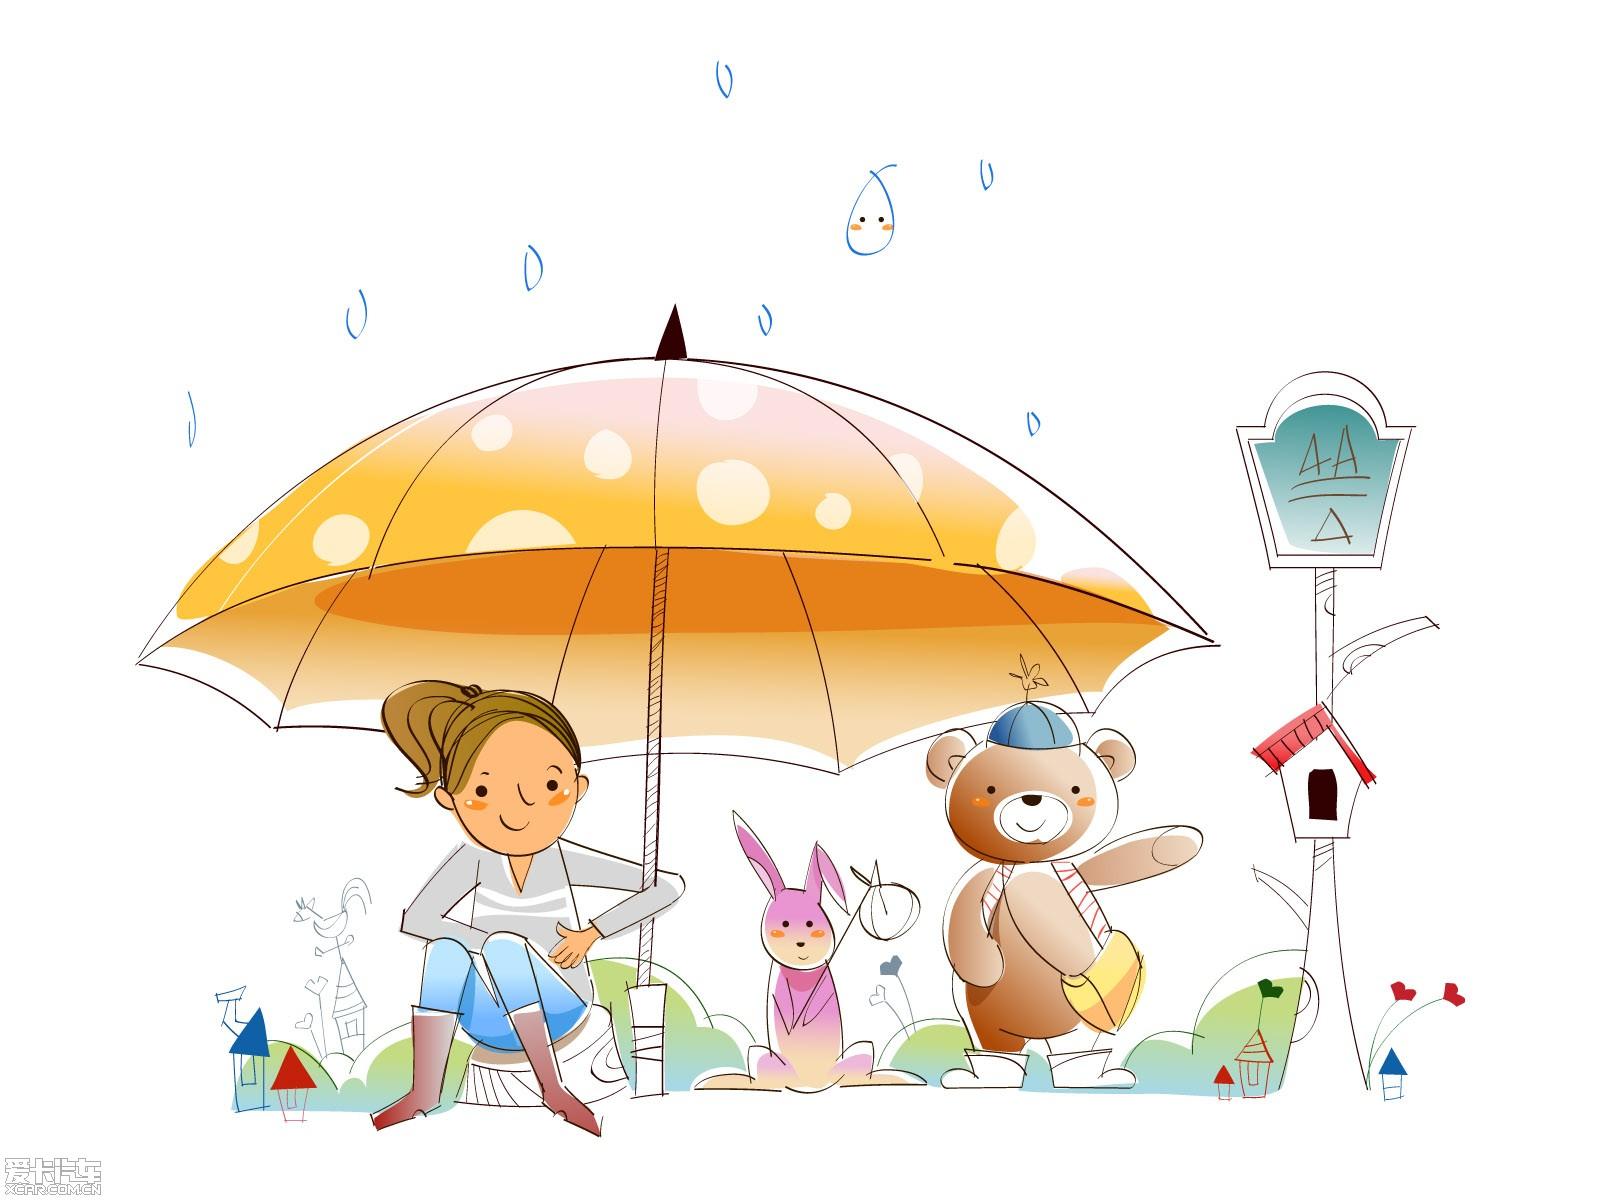 可爱简笔画手绘插图秋日童趣图片